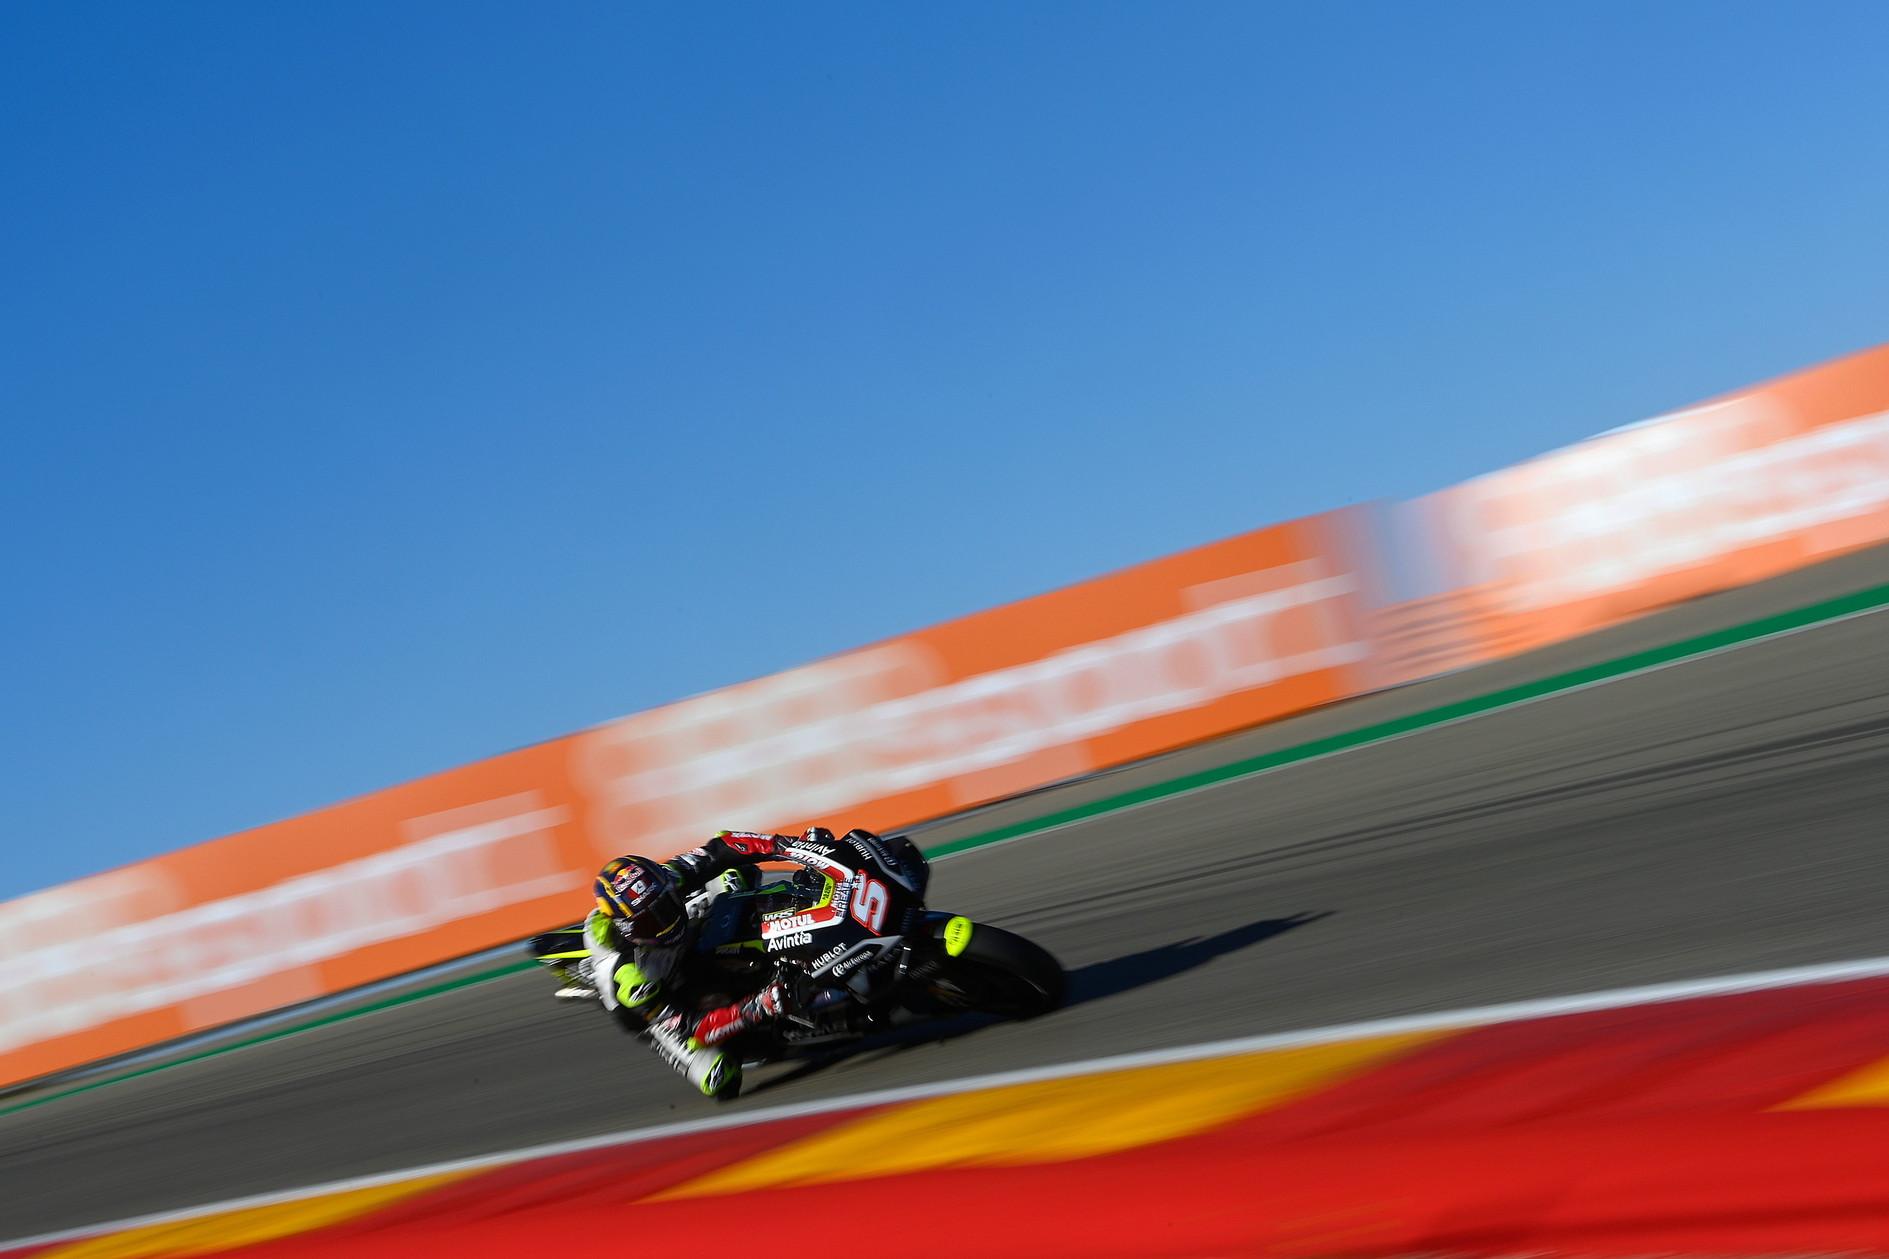 Nel bis di Aragon arriva la prima pole position in MotoGP per il nipponico della Honda, in prima fila anche Morbidelli e Rins<br /><br />